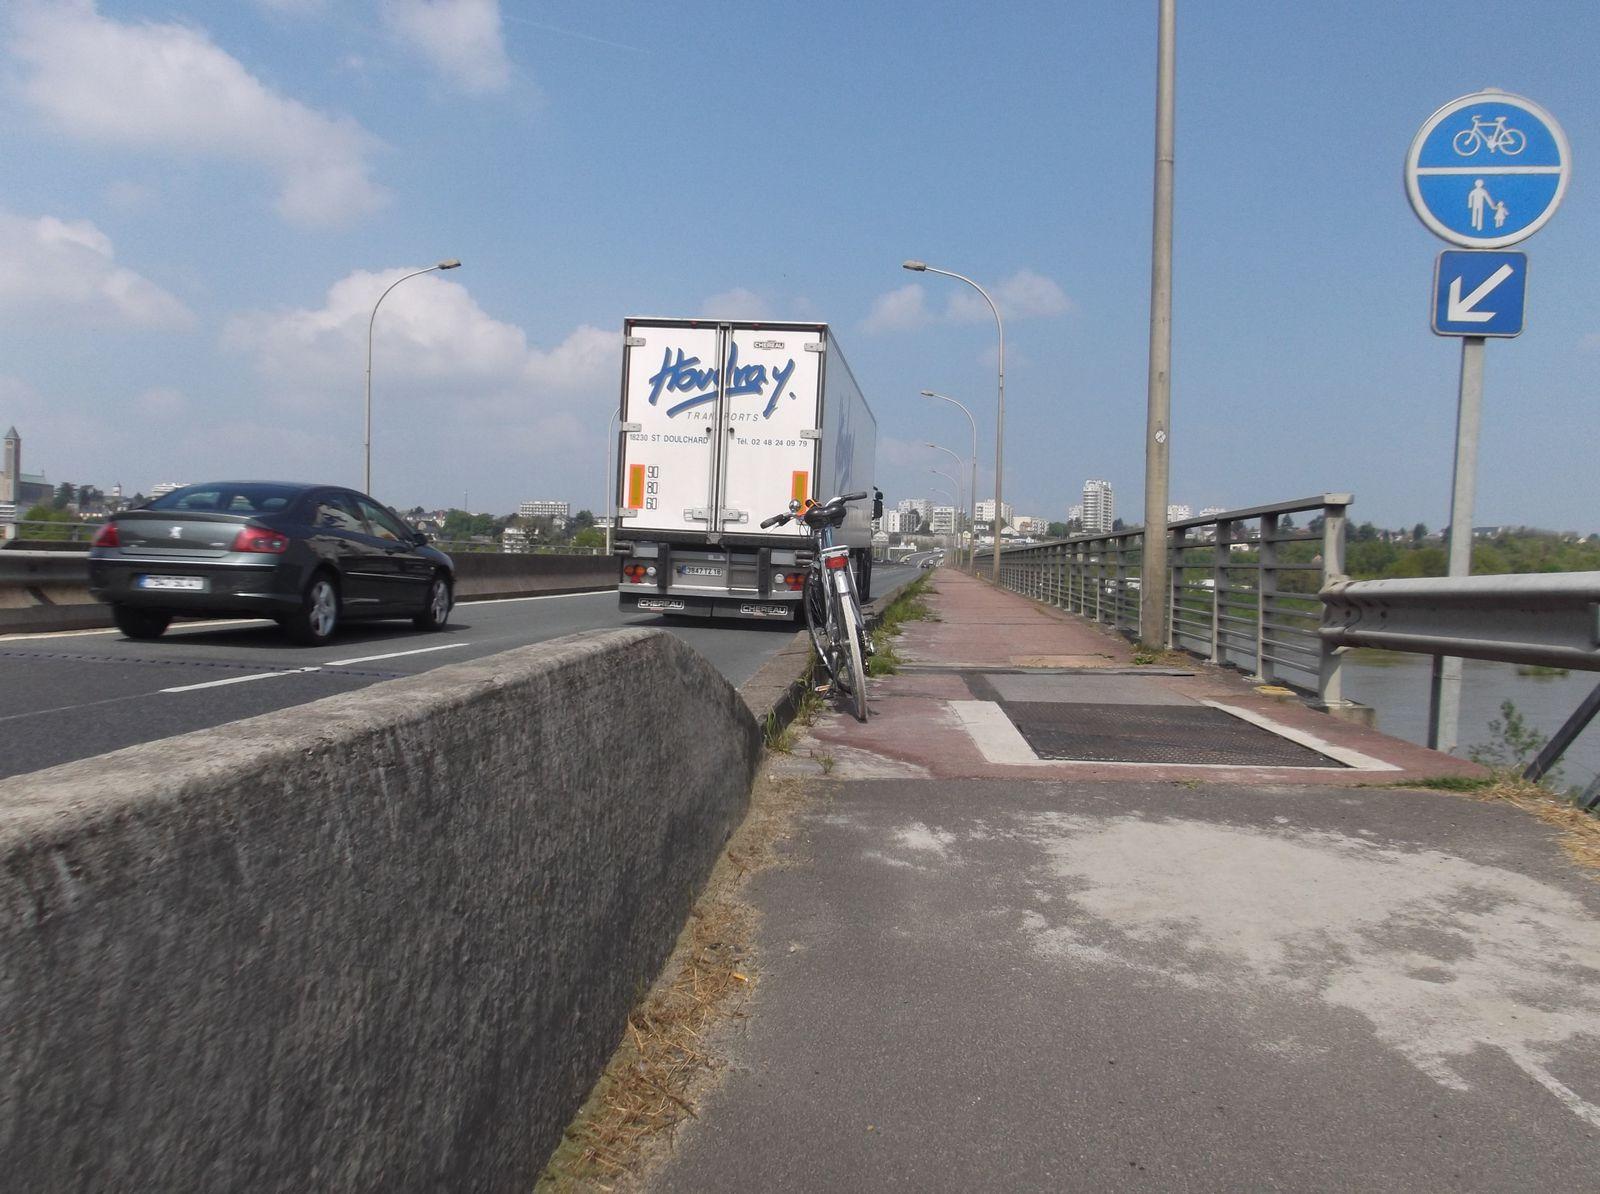 """Sans doute le plus périlleux: (D174 ) Sur le pont Charles De Gaulle rive gauche en venant de Vineuil sur le trottoir un panneau rond bleu avec côte à côte les logos piétons et vélo. Ce panneau ne semble pas avoir d'existence légale. Proposition d'aménagement d'une séparation entre route et """"voie verte"""" sous forme d'un écran, protégeant des chutes sur chaussée, du bruit et des vents dominants (sud-ouest) ."""